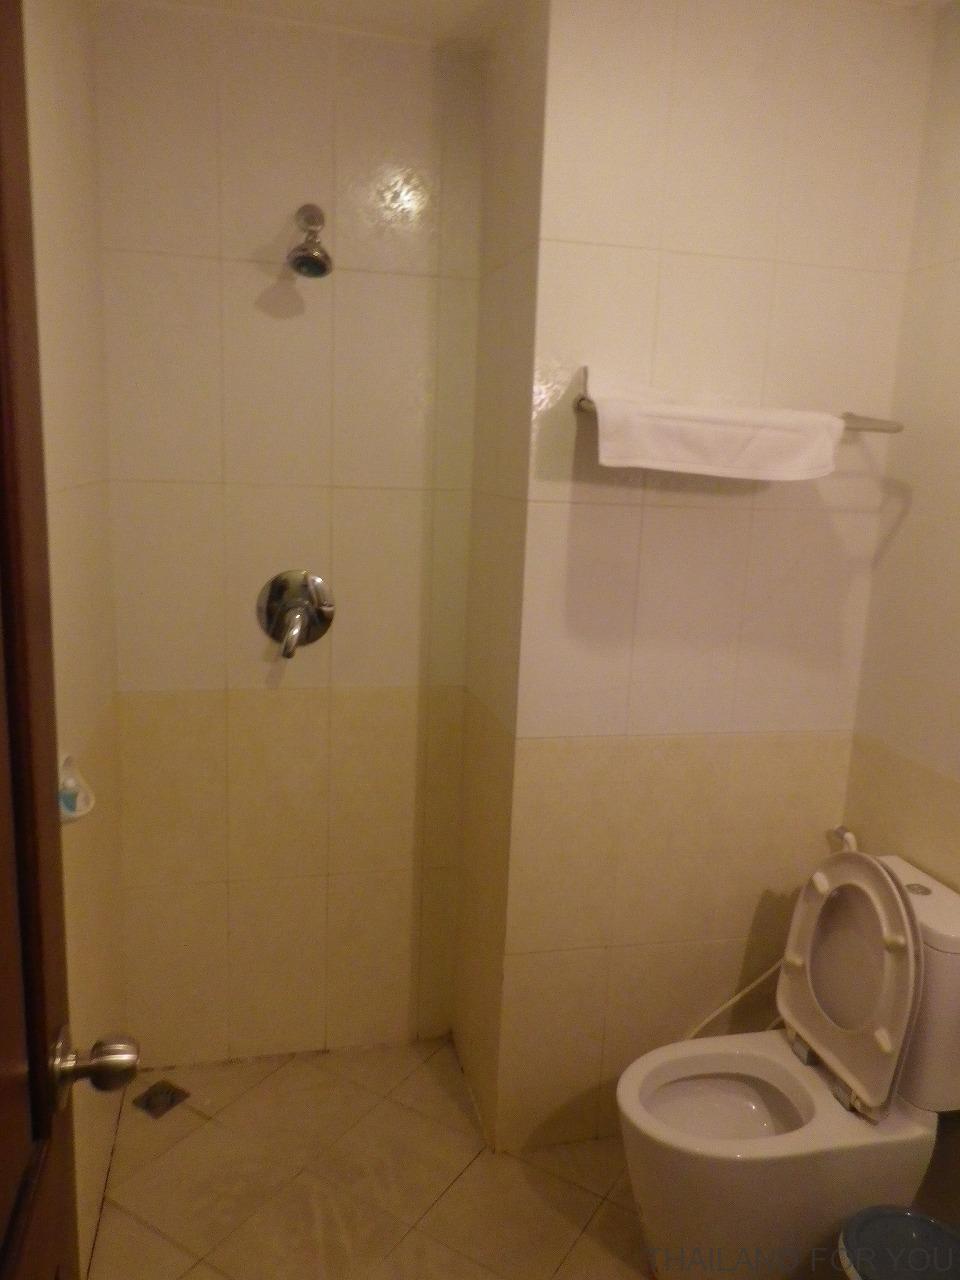 ビエンチャン・ラオゴールデンホテルのバスルームの写真